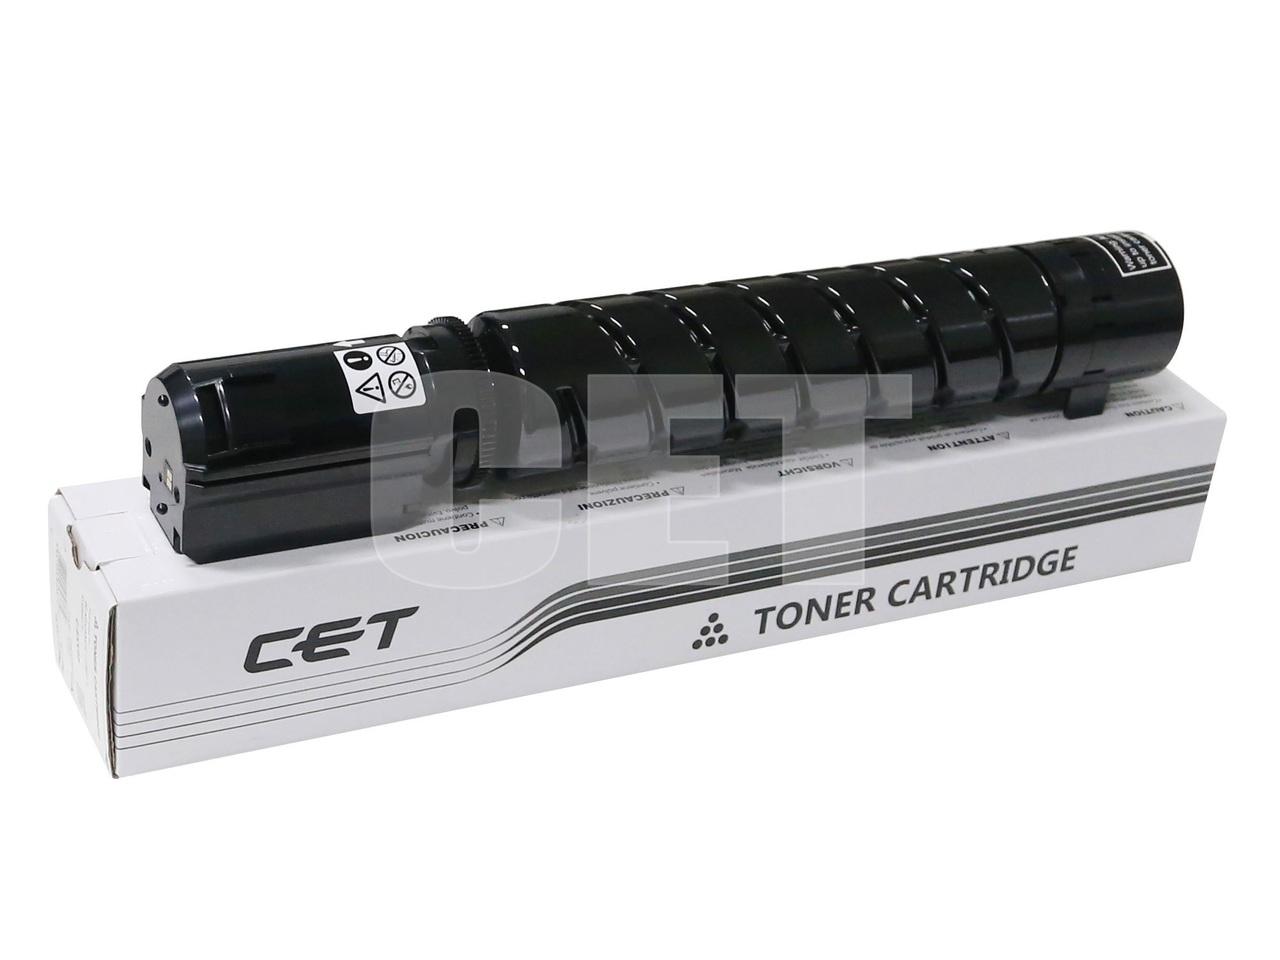 Тонер-картридж (CPP) C-EXV48 для CANON iRC1325iF/1335iF(CET) Black, 318г, 16500 стр., CET141303